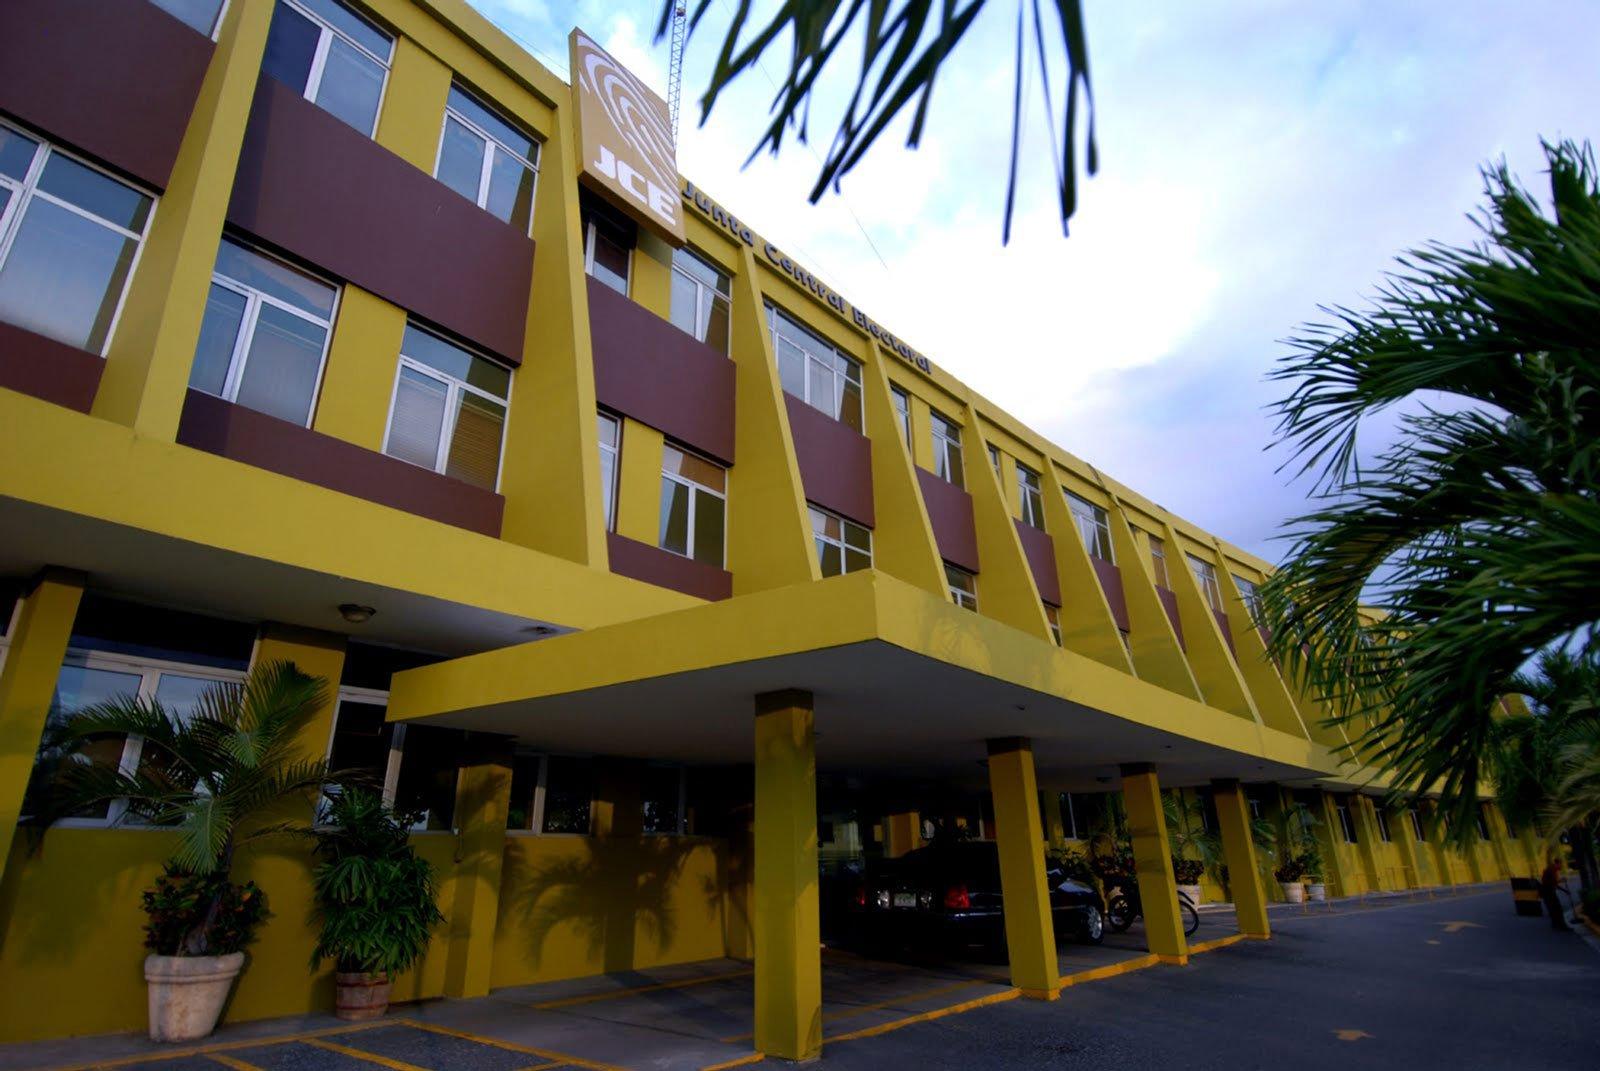 JCE trasladará 821 mesas y contará en público los votos emitidos – DiarioDigitalRD